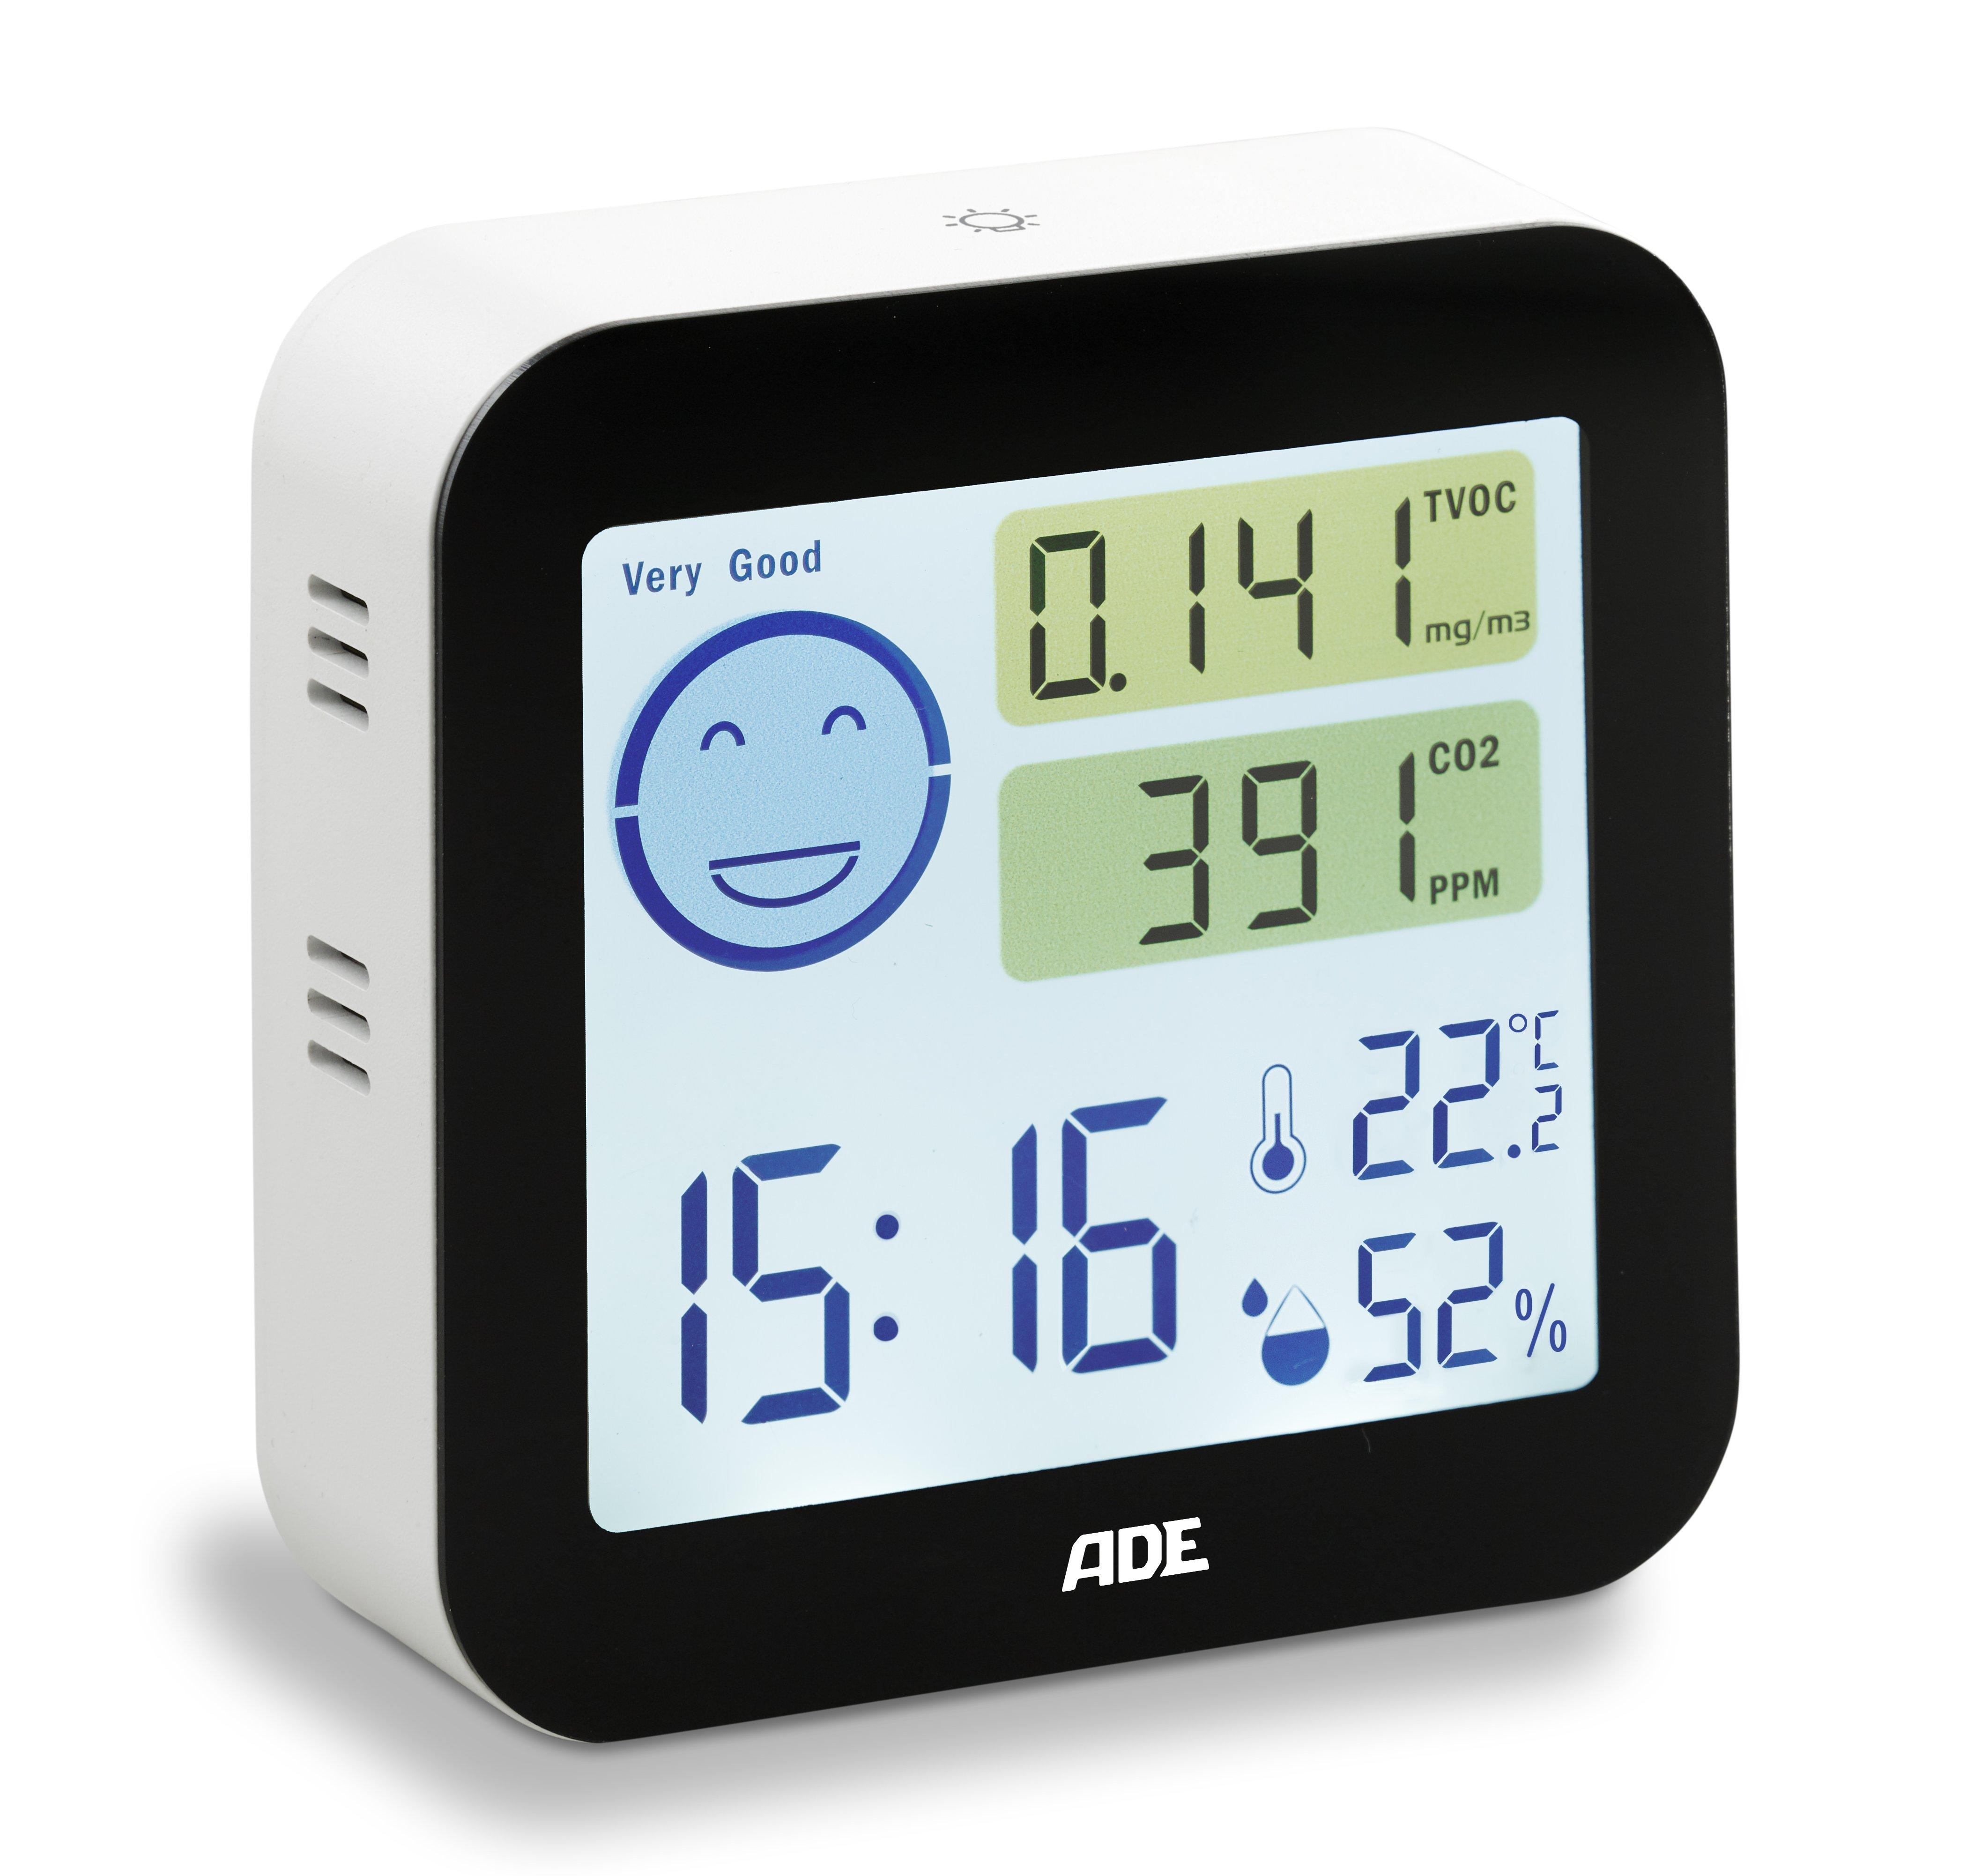 Luftqualitätsmonitor mit Thermo-Hygrometer